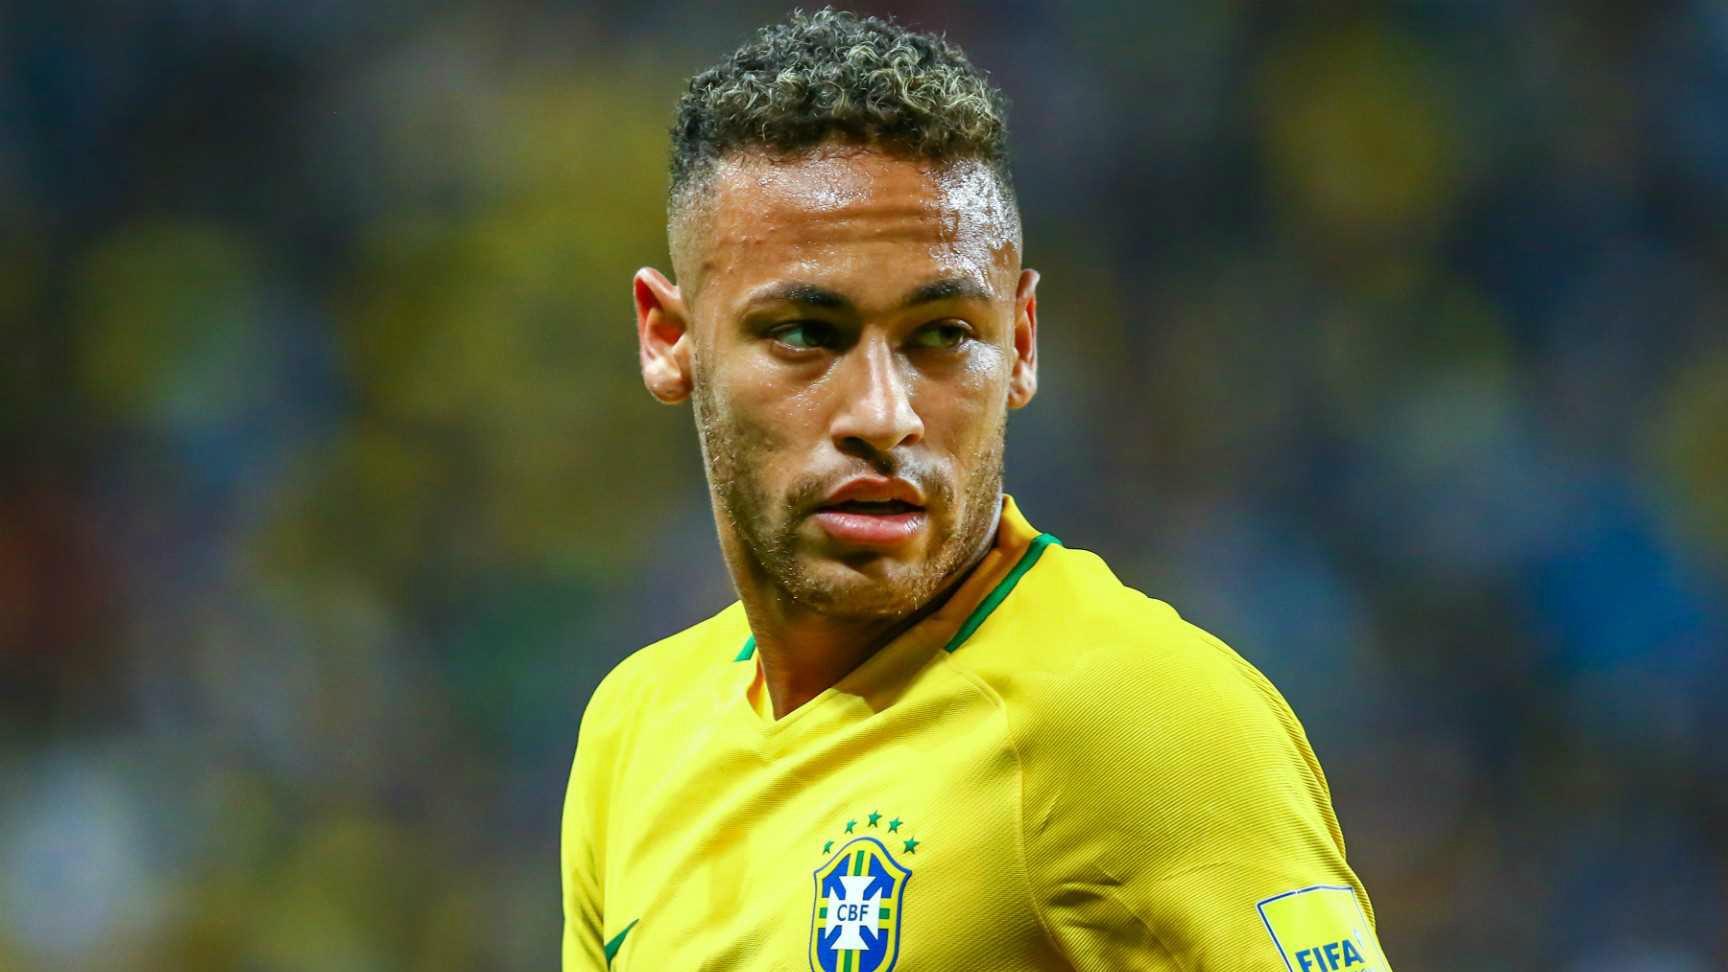 El Sumario - En la lista de los mejores que encabezan Cristiano Ronaldo y Lionel Messi no figura el nombre de Neymar